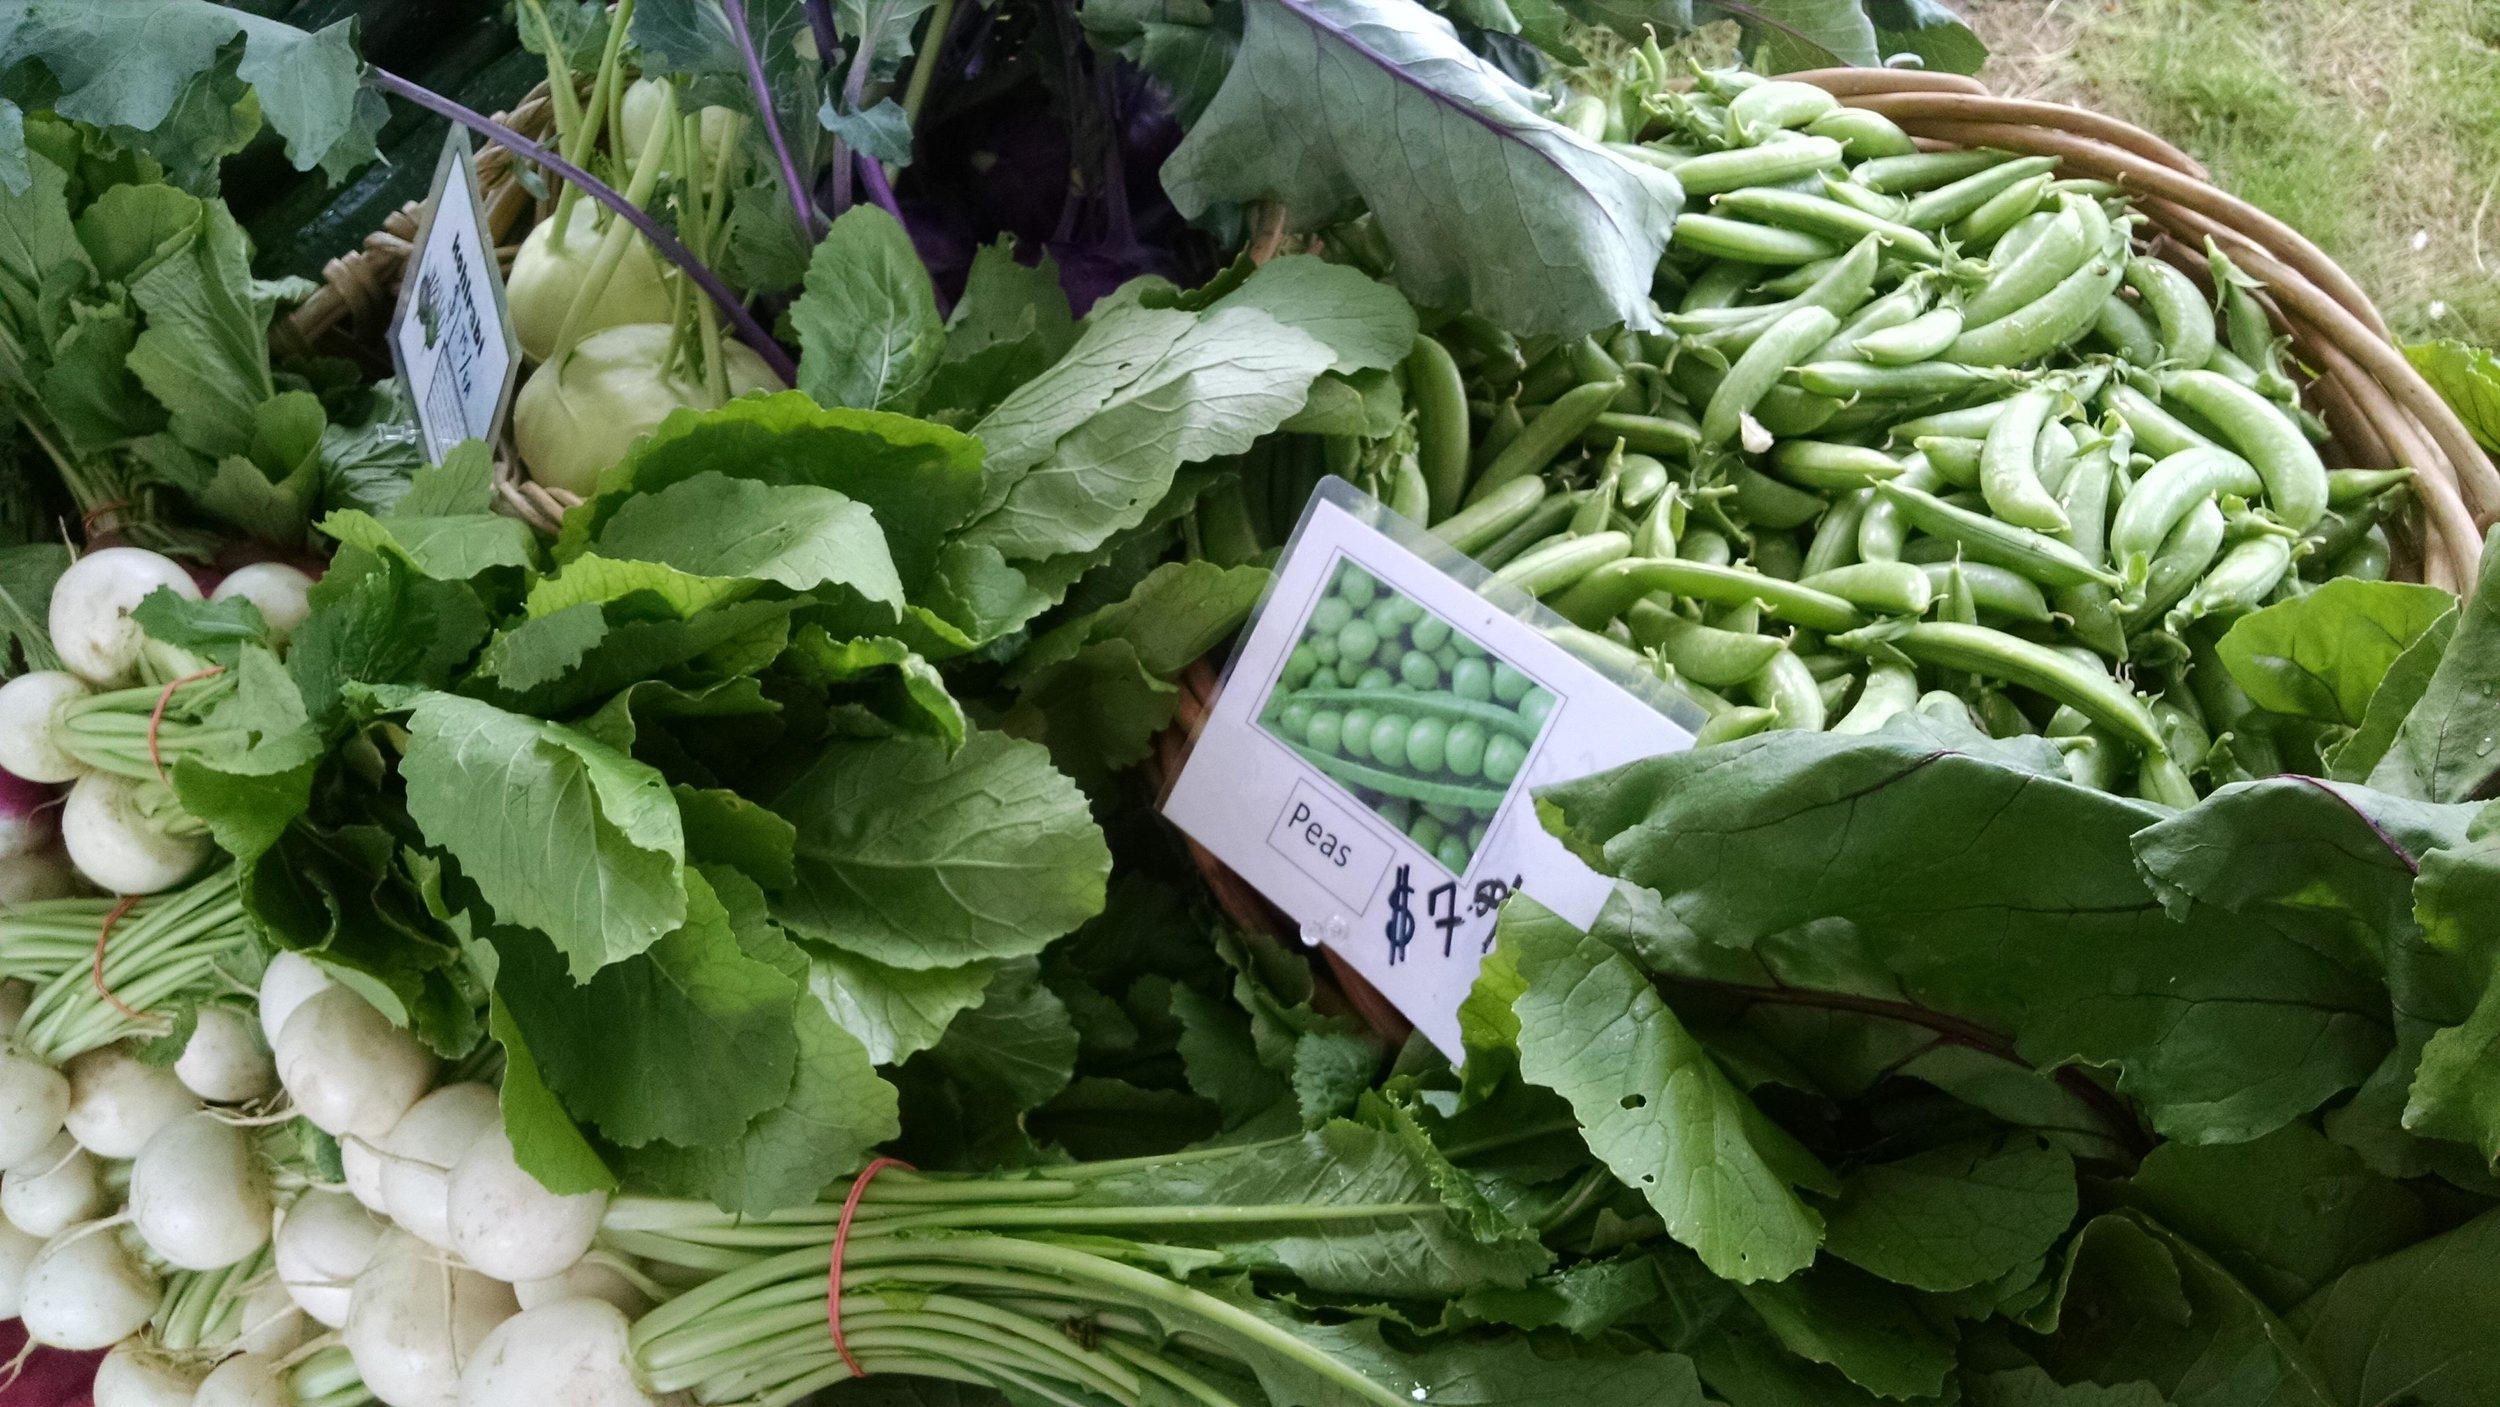 Salad turnips, snap peas, kohlrabi